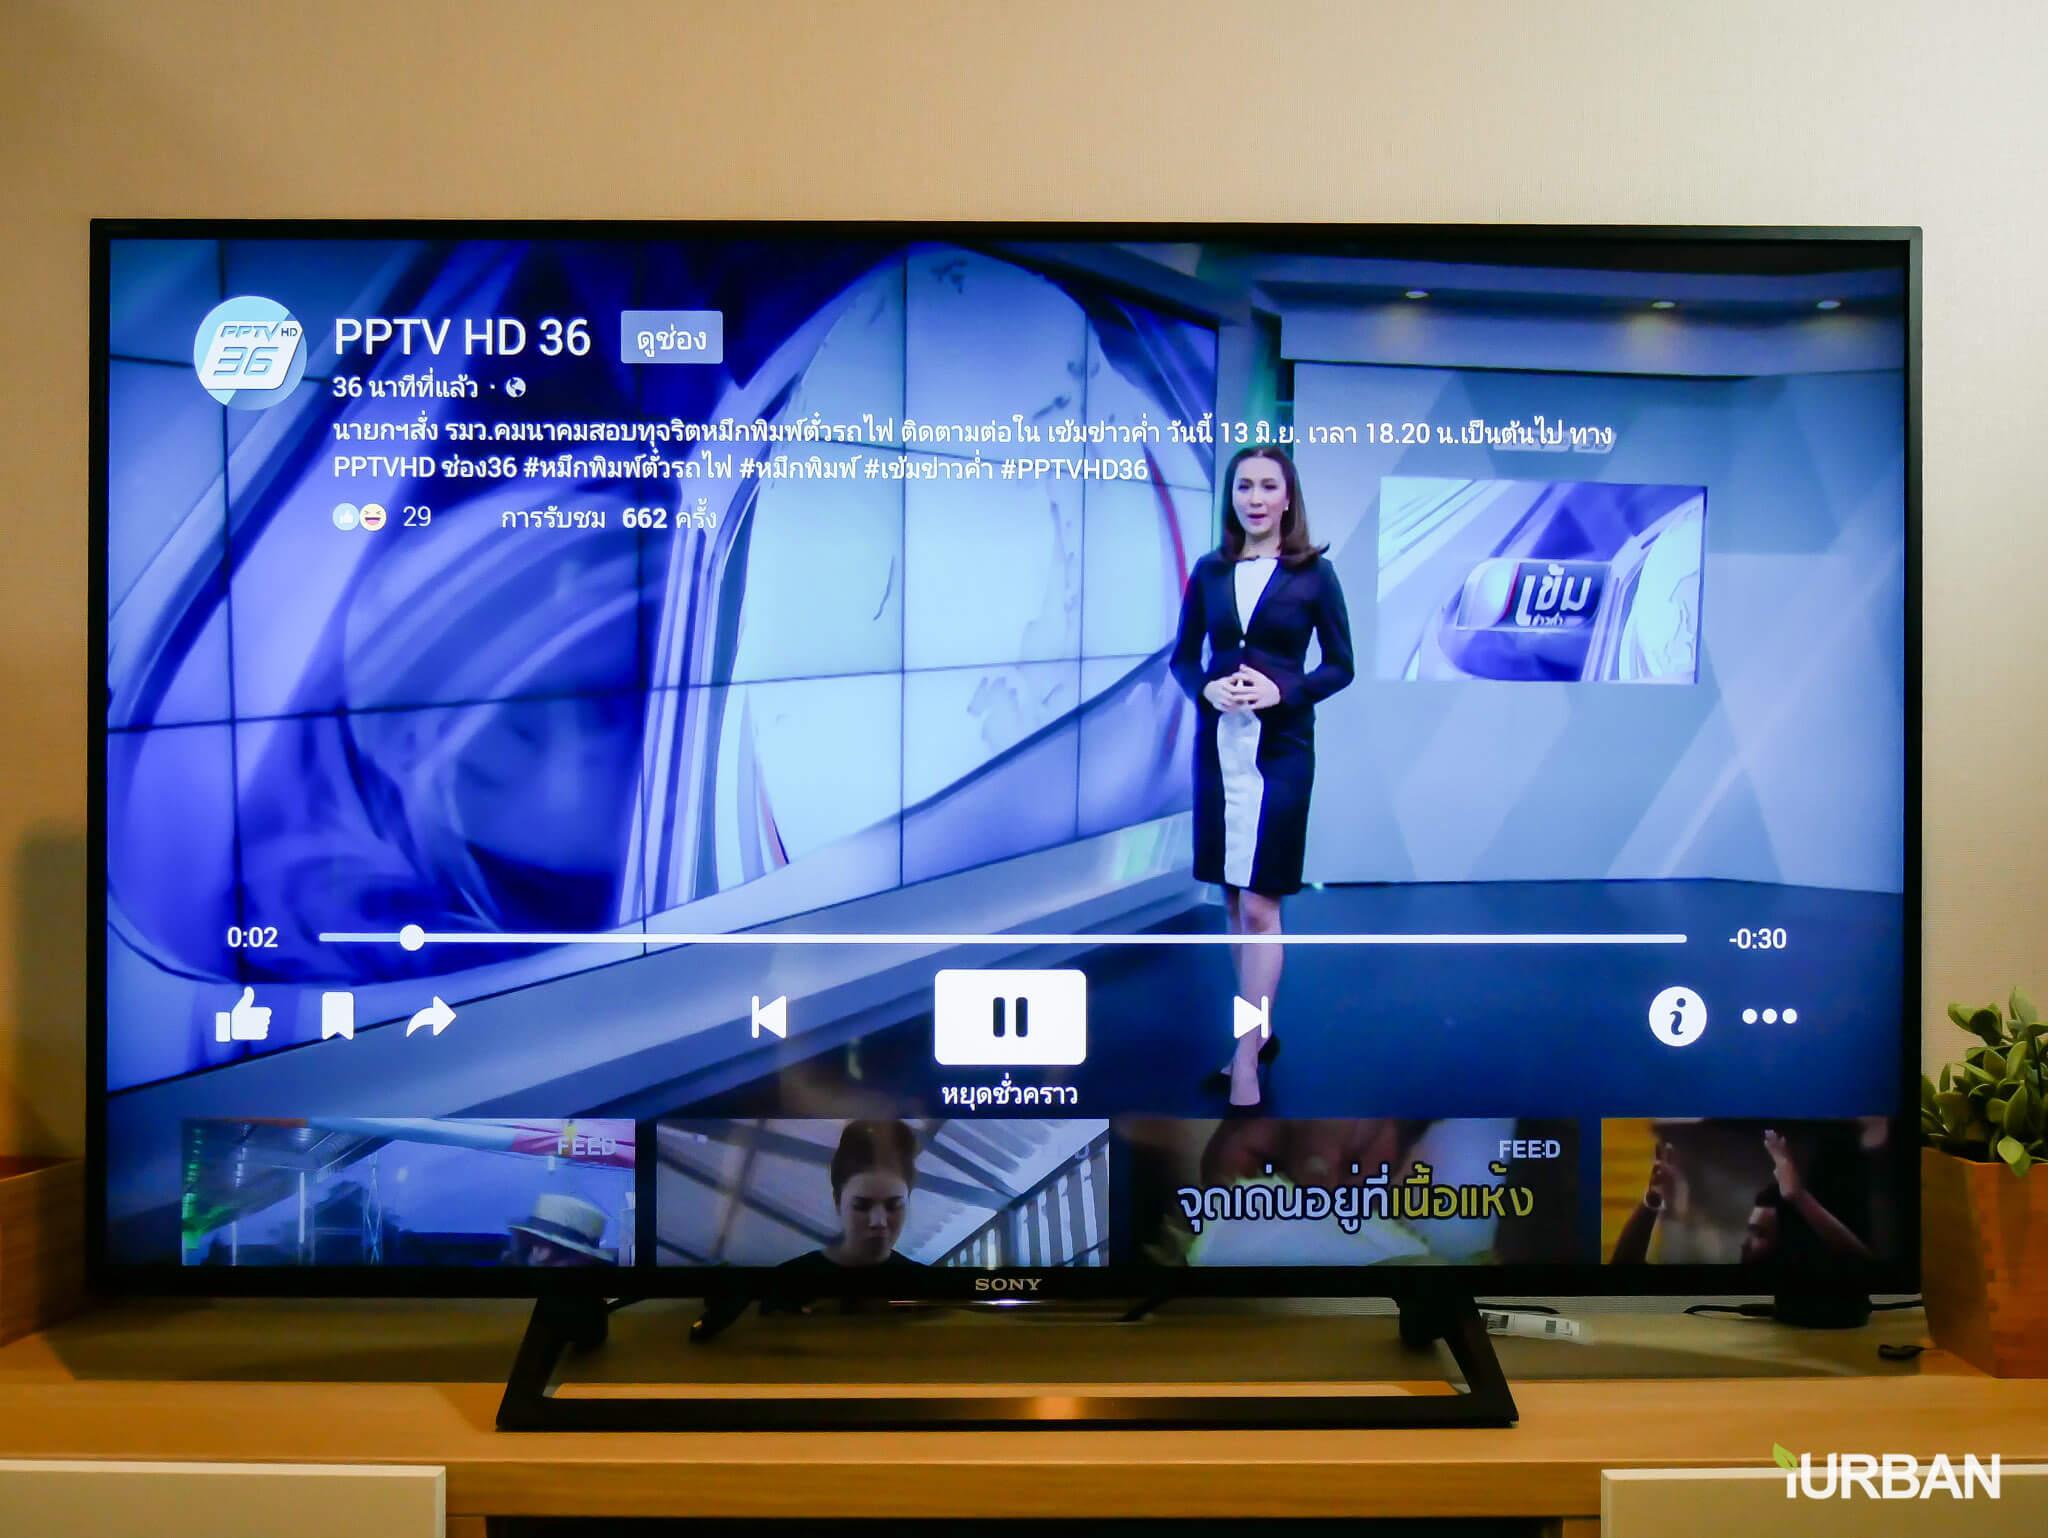 รีวิว SONY Android TV รุ่น X8000E งบ 26,990 แต่สเปค 4K HDR เชื่อมโลก Social กับทีวีอย่างสมบูรณ์แบบ 65 - Android